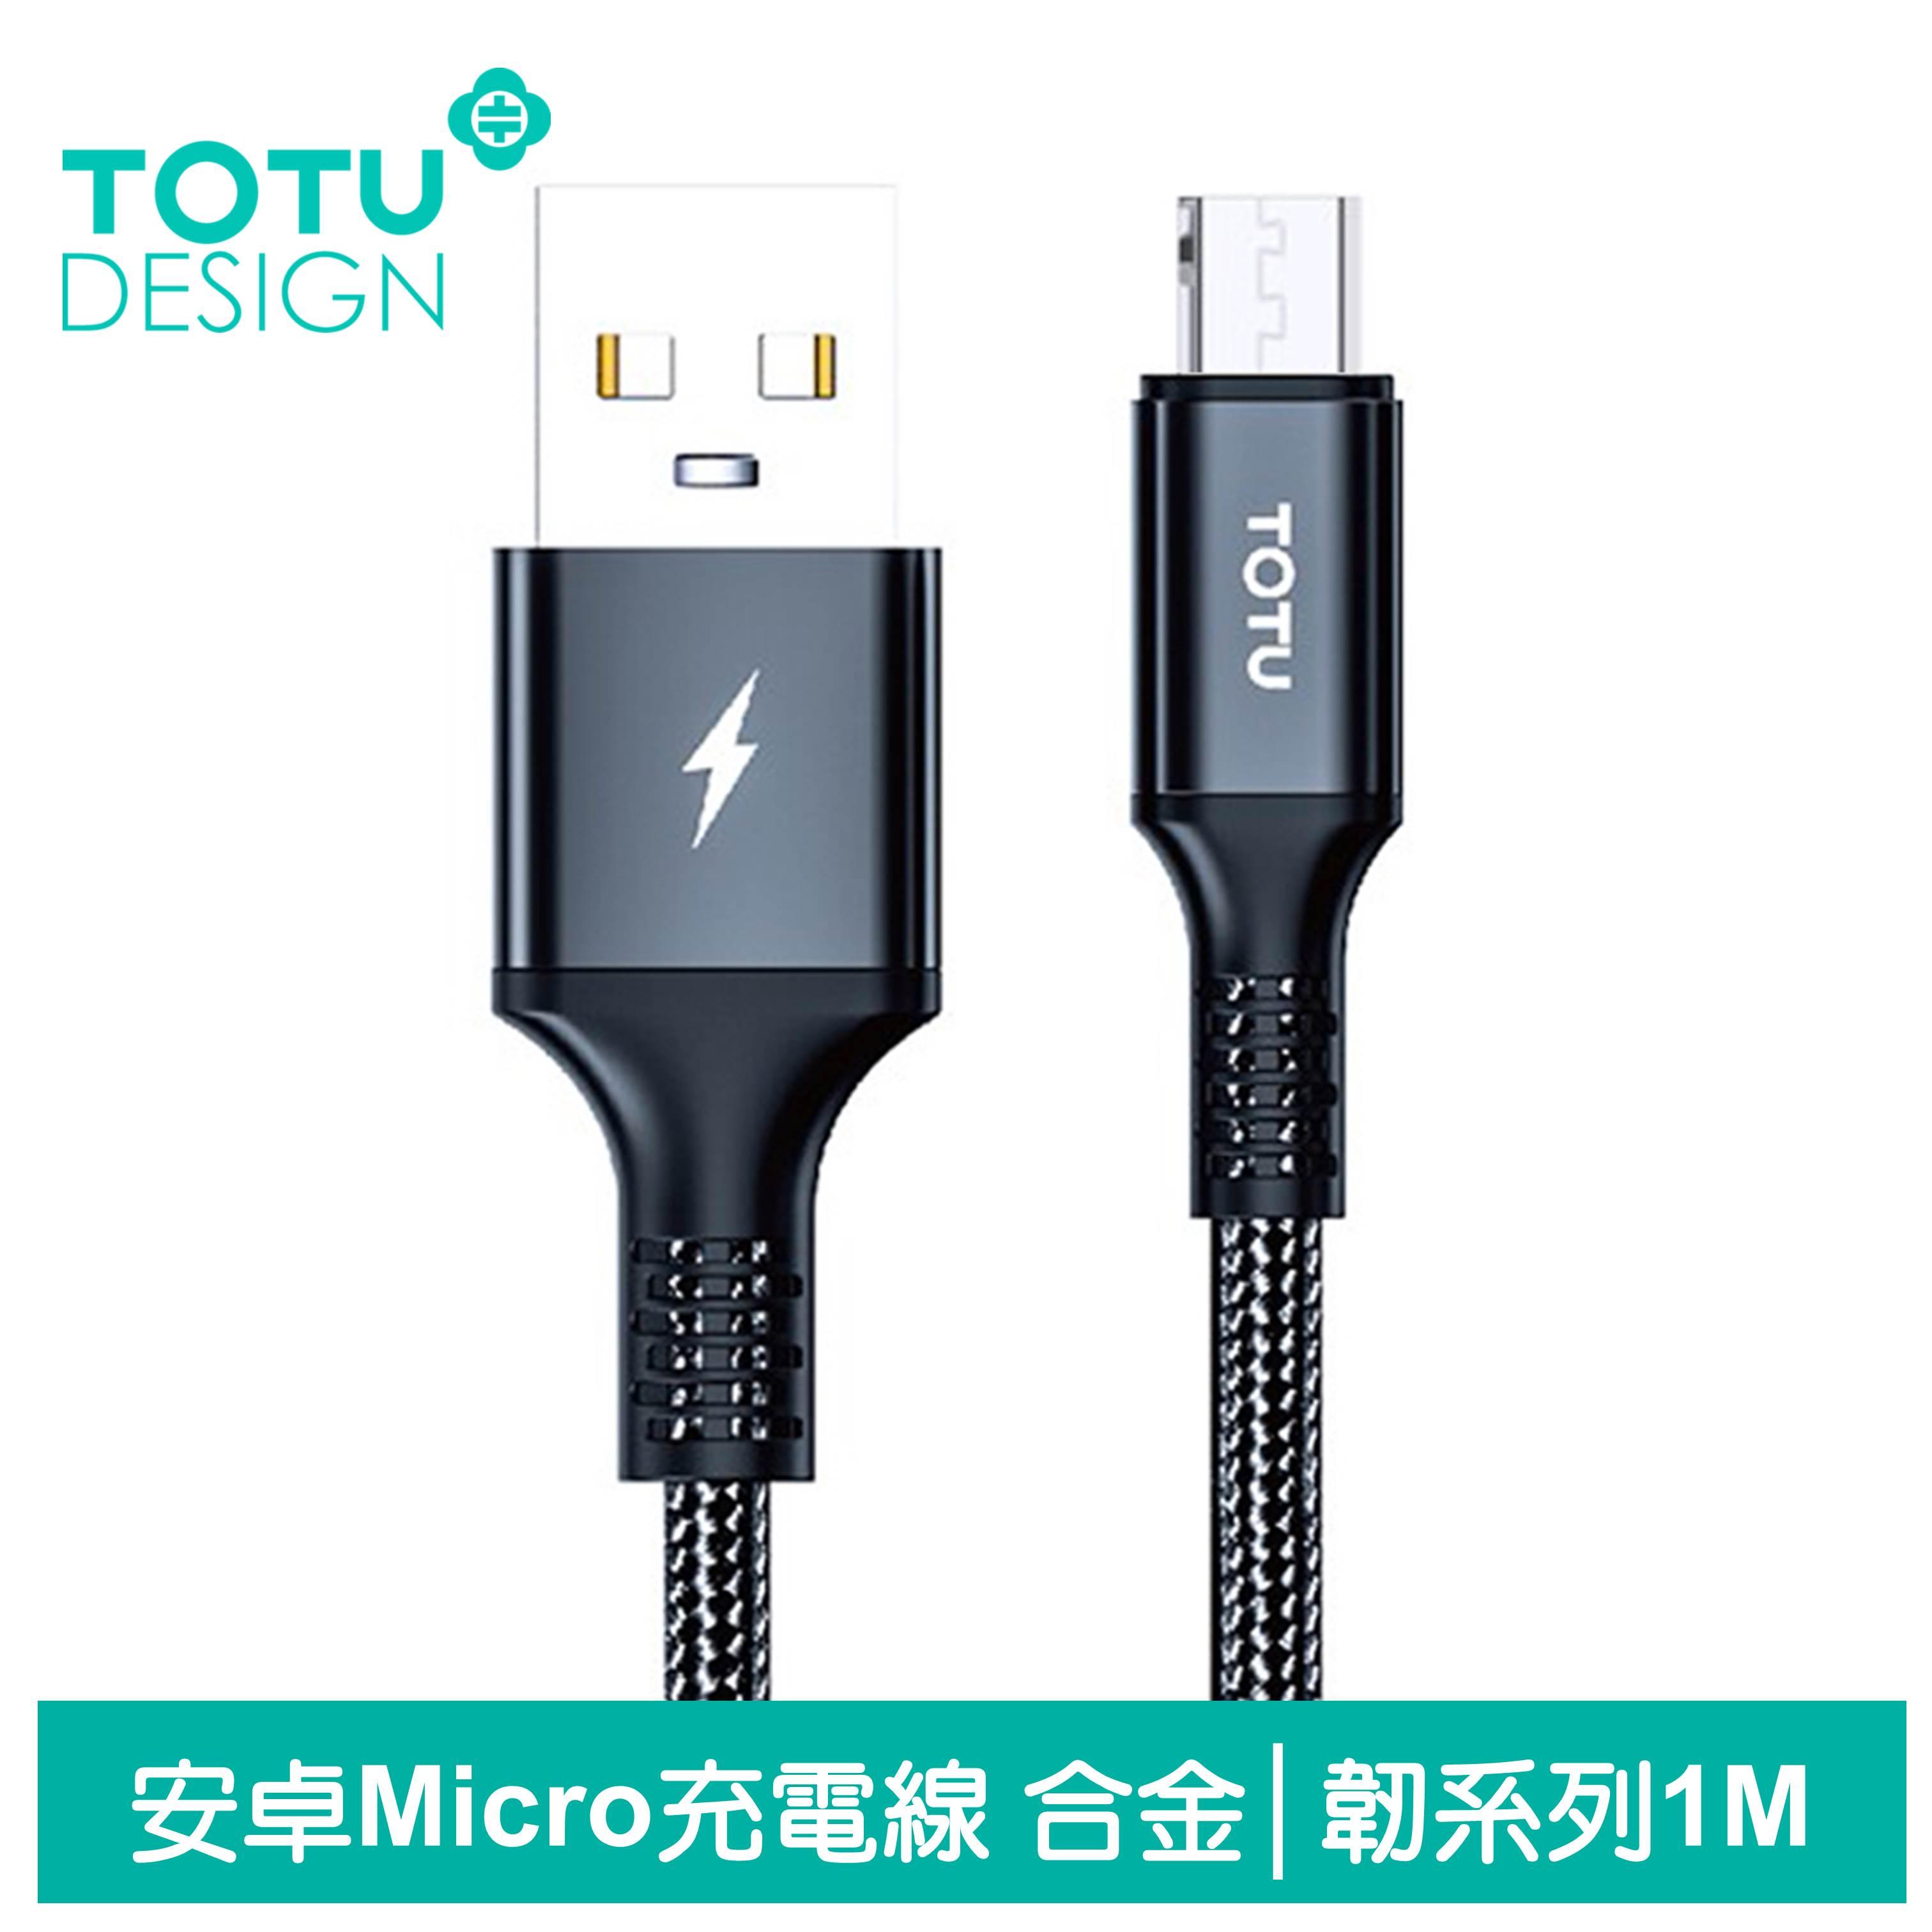 TOTU台灣官方 安卓MicroUSB充電線傳輸線快充線編織線 2A快充 韌系列 100cm 黑色